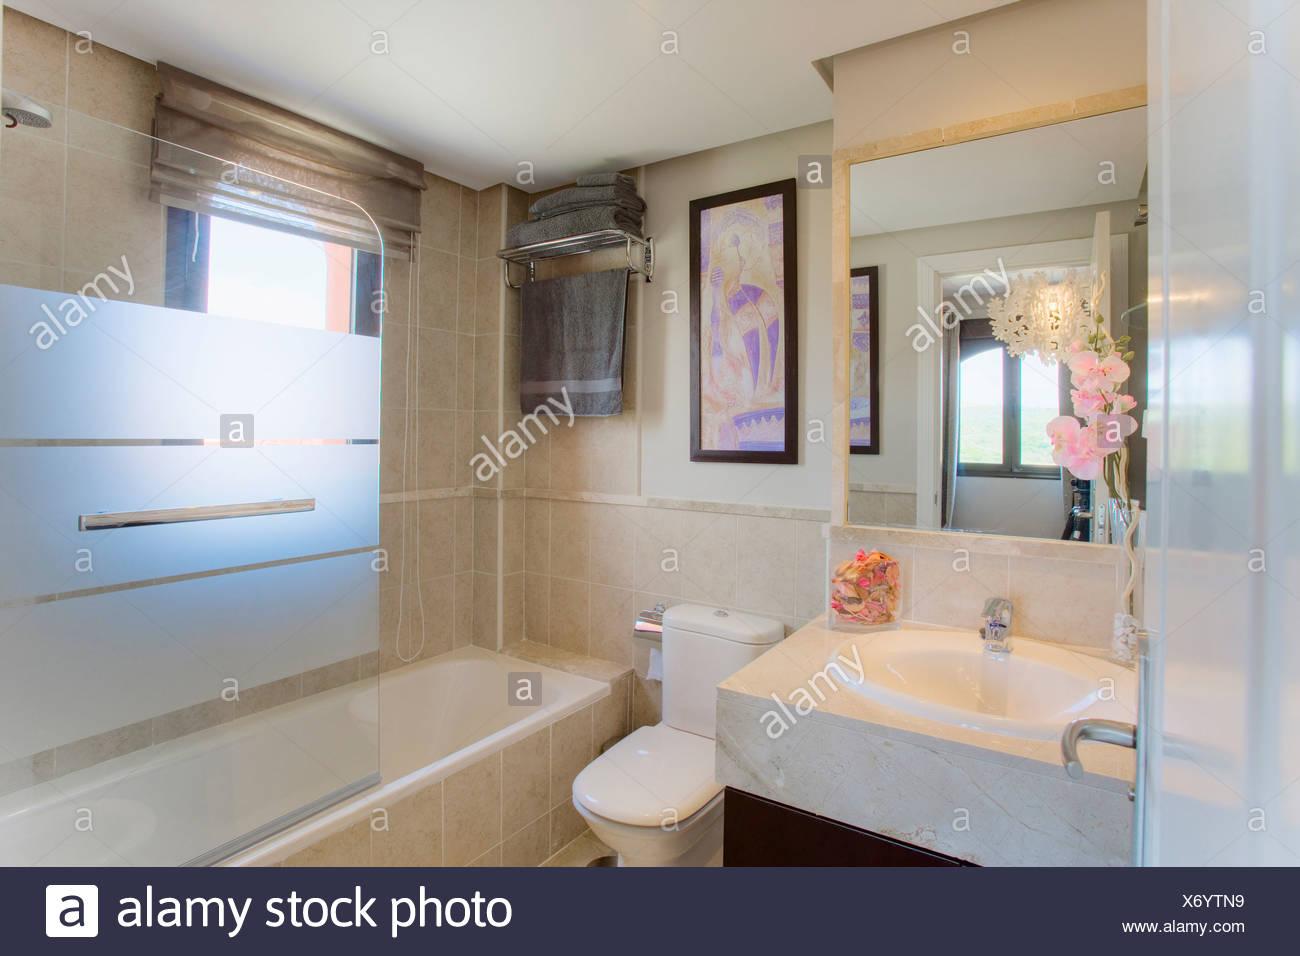 Kleines modernes Bad mit Spiegel über dem Waschbecken und opakem ...